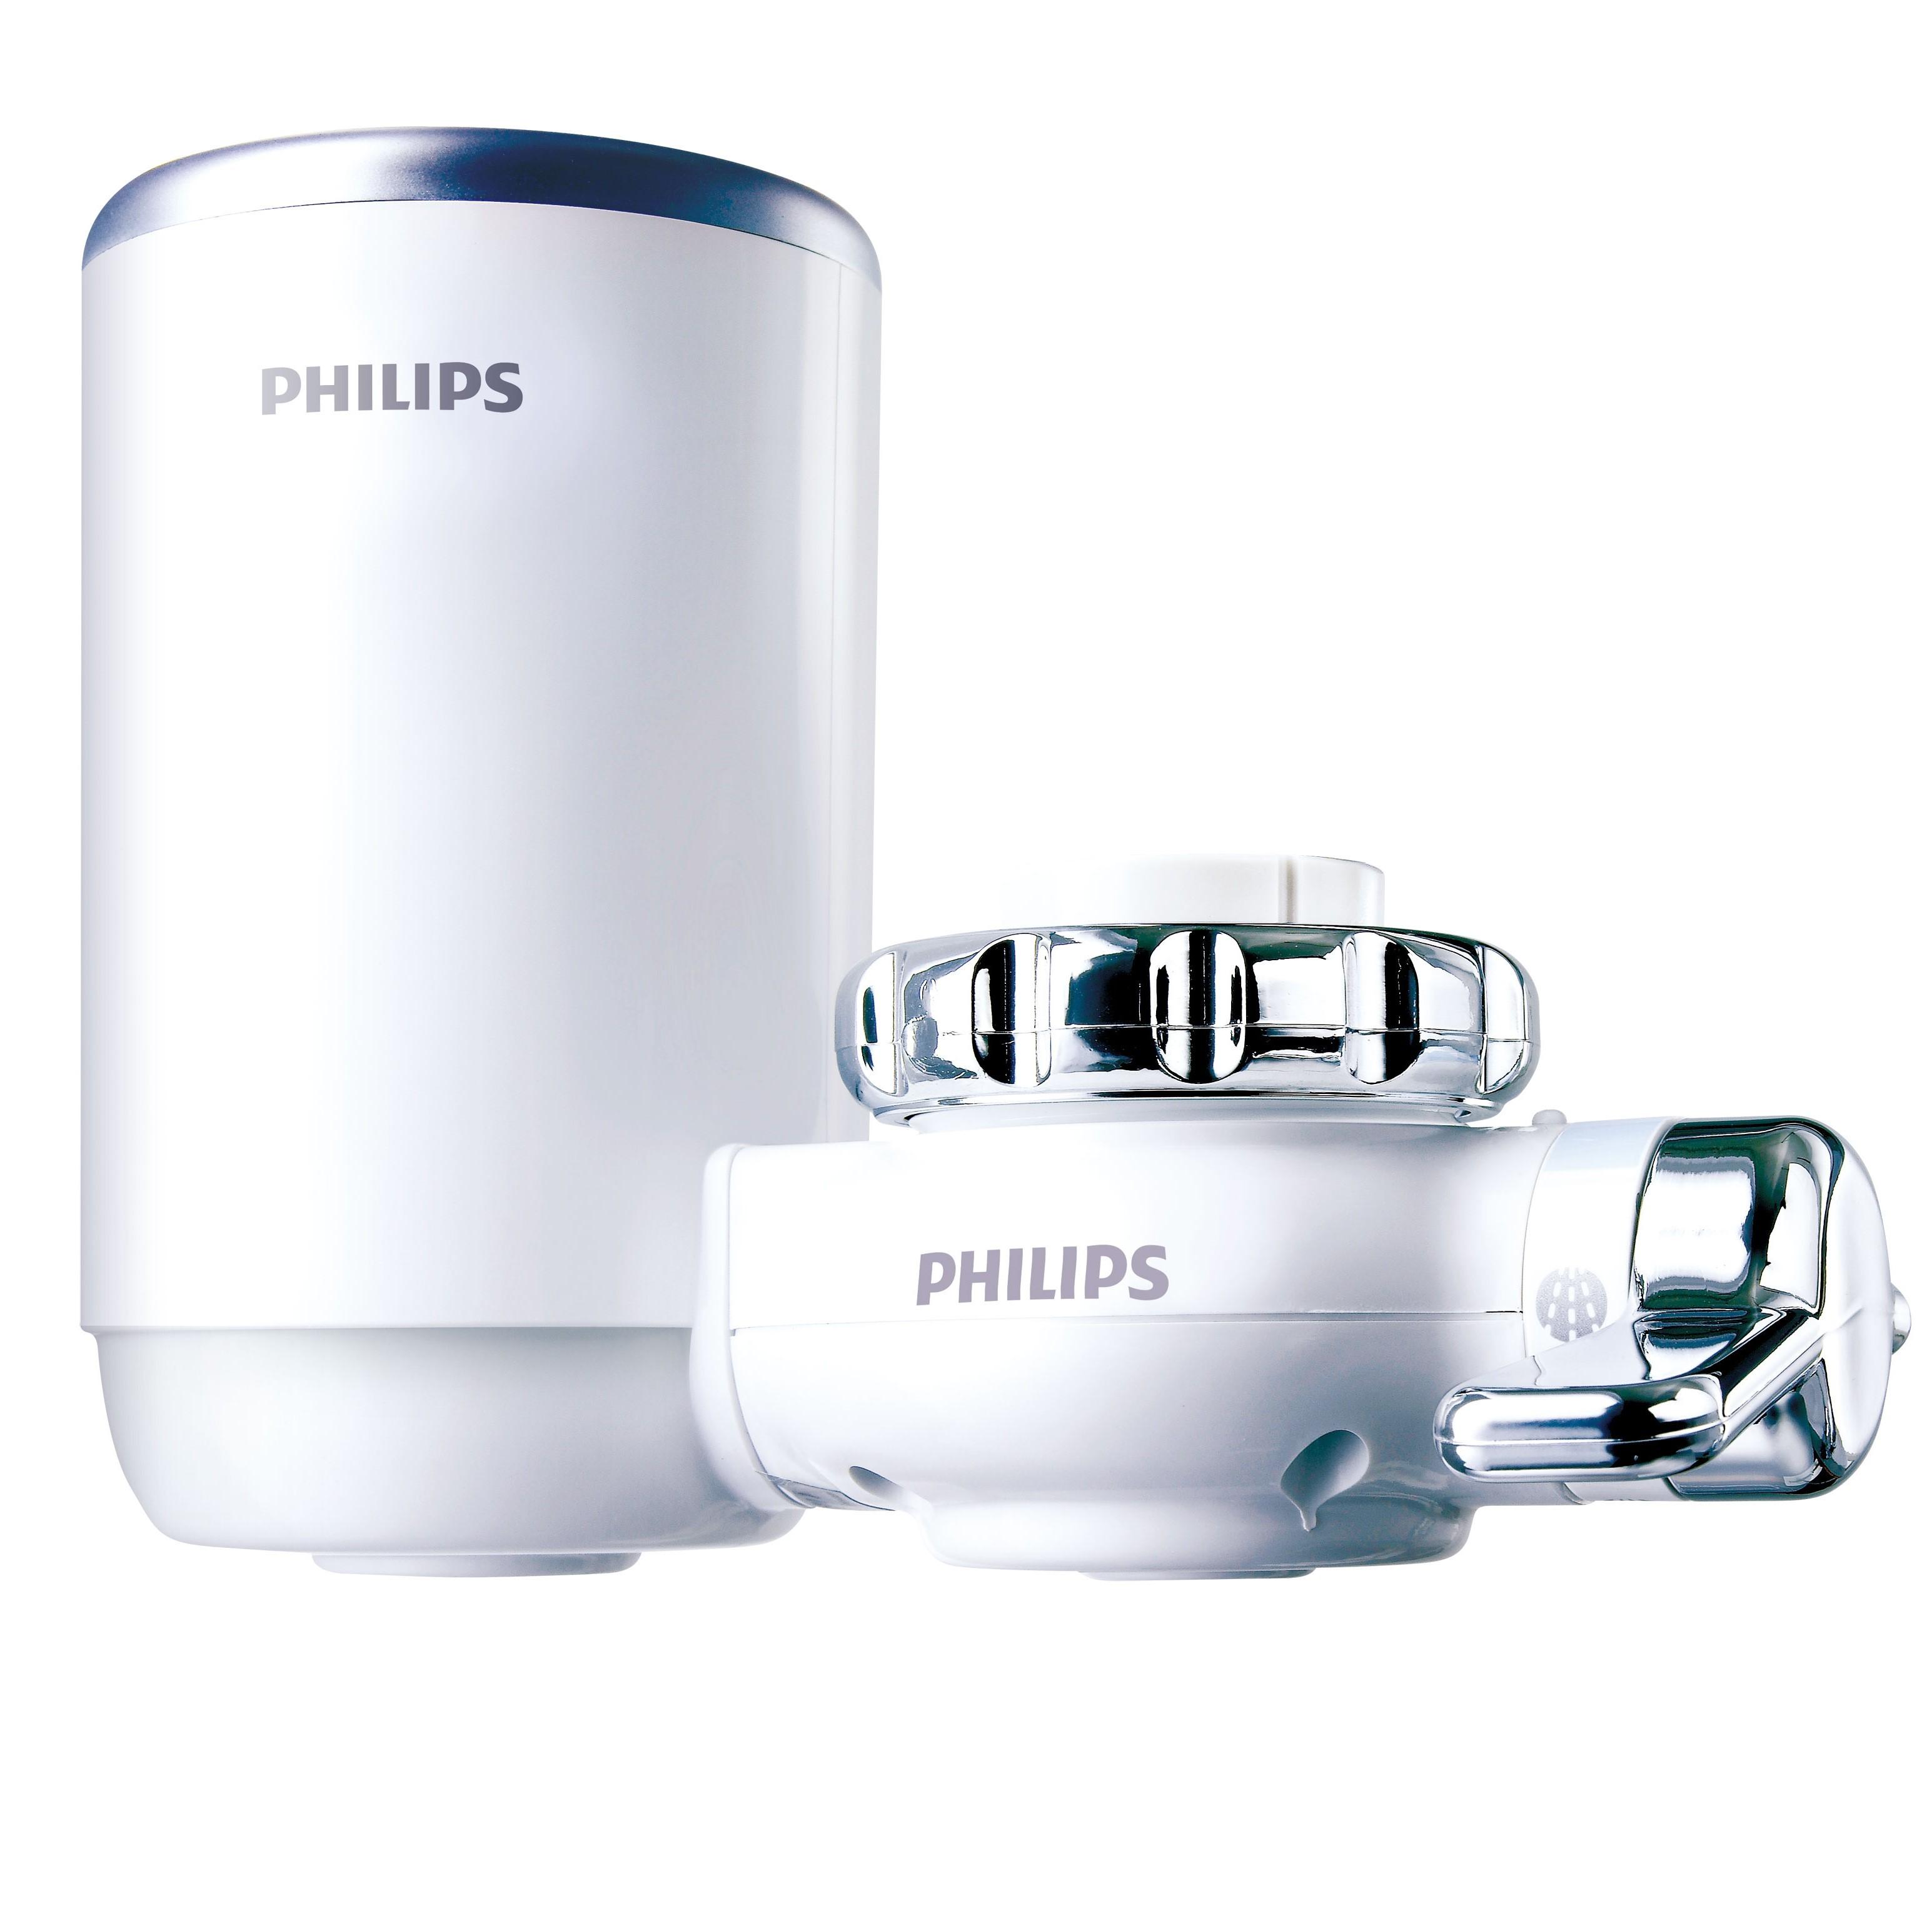 PHILIPS飛利浦超濾龍頭式淨水器WP3812★日原裝進口,品質有保障